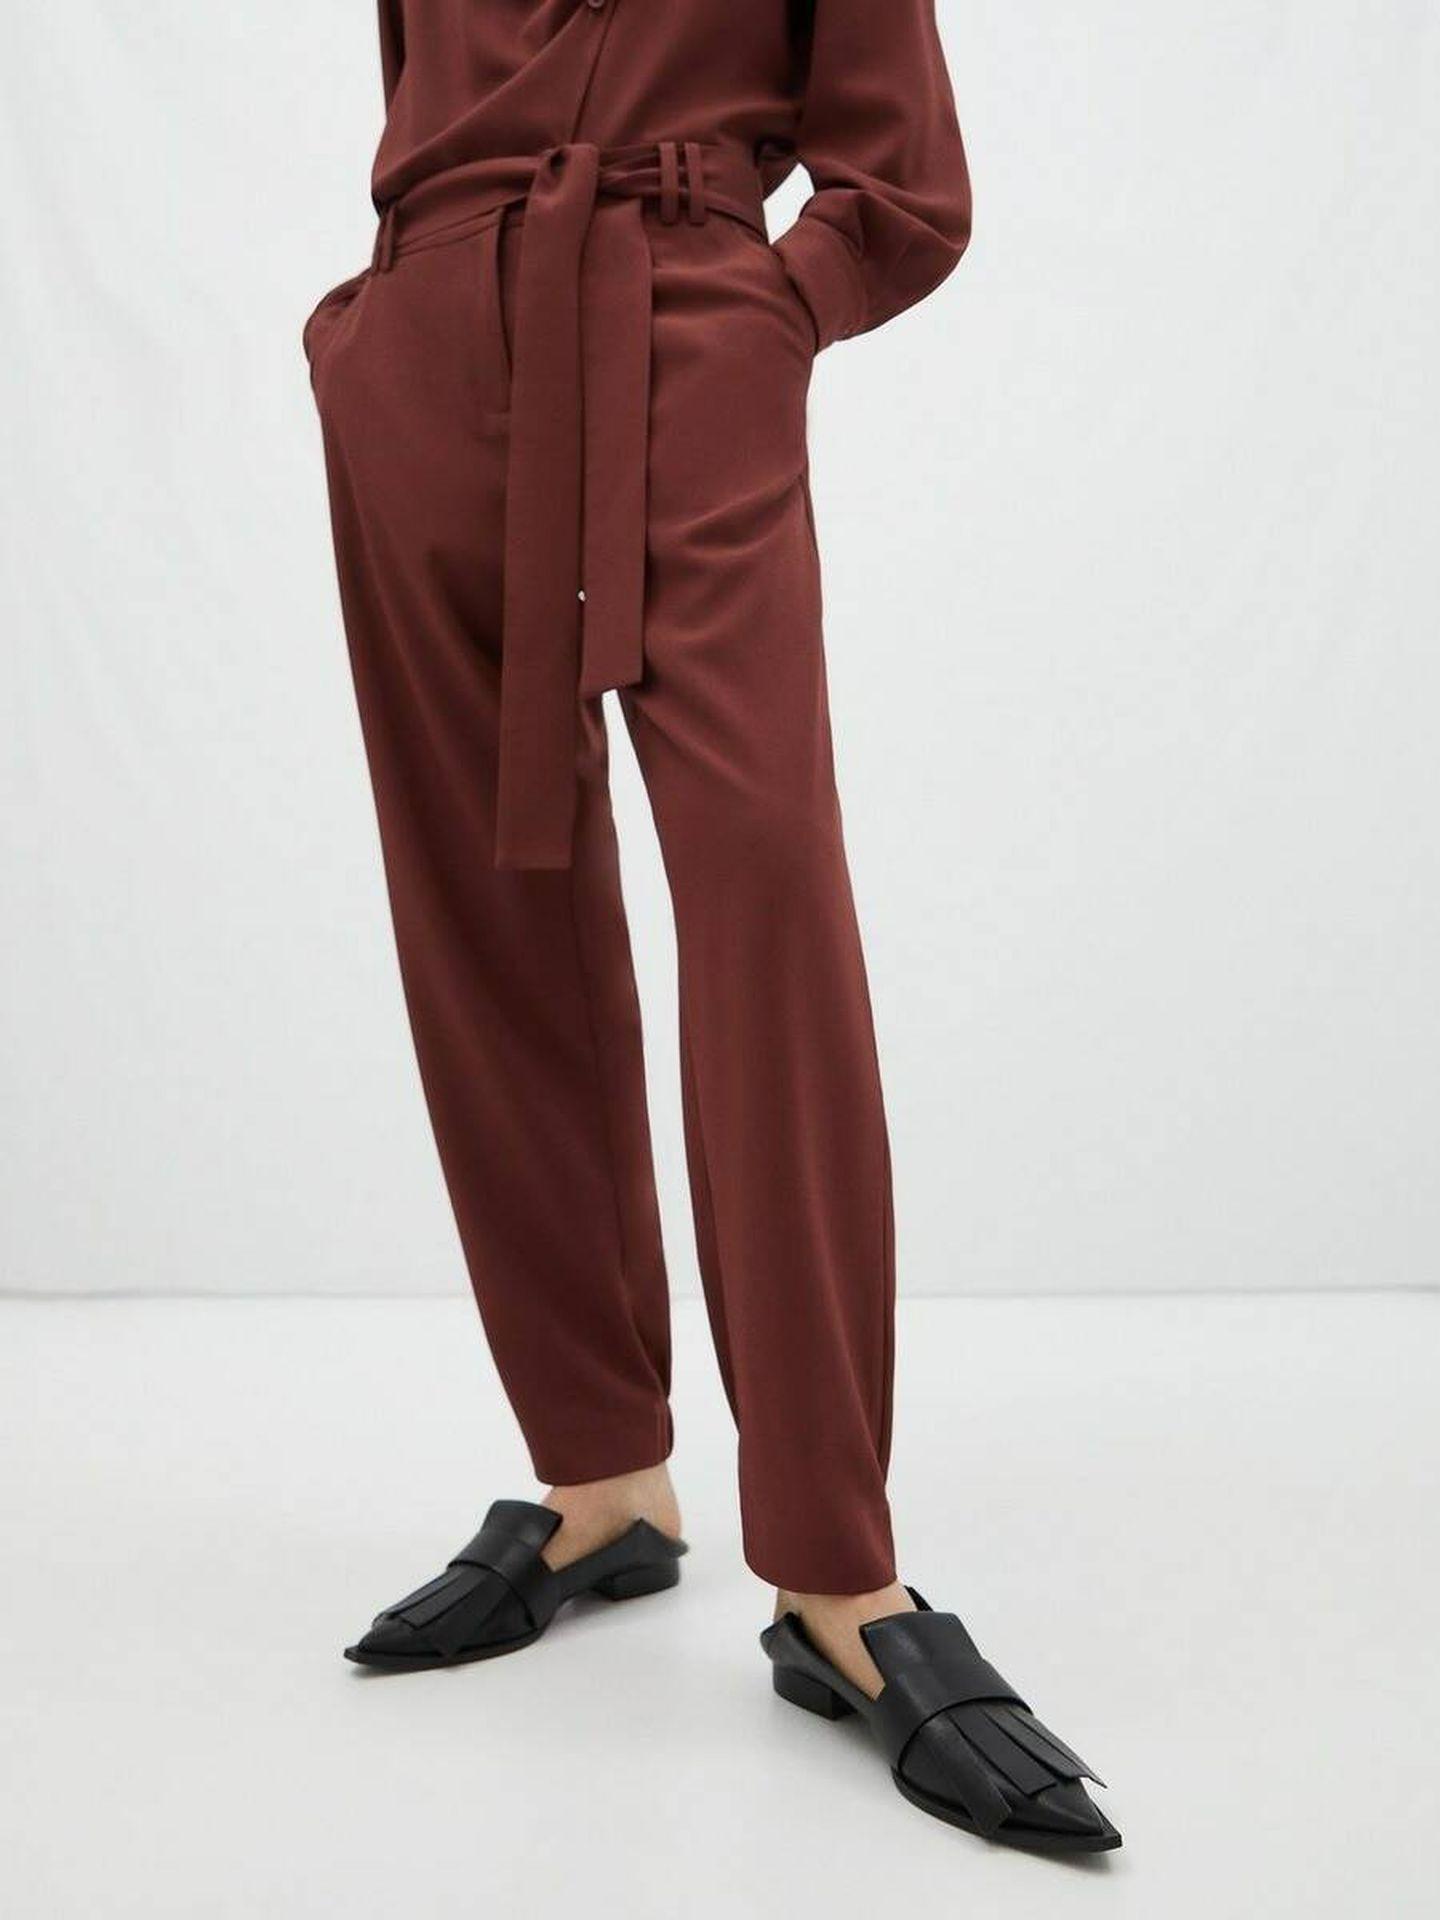 Pantalón de Adolfo Dominguez a la venta en El Corte Inglés. (Cortesía)